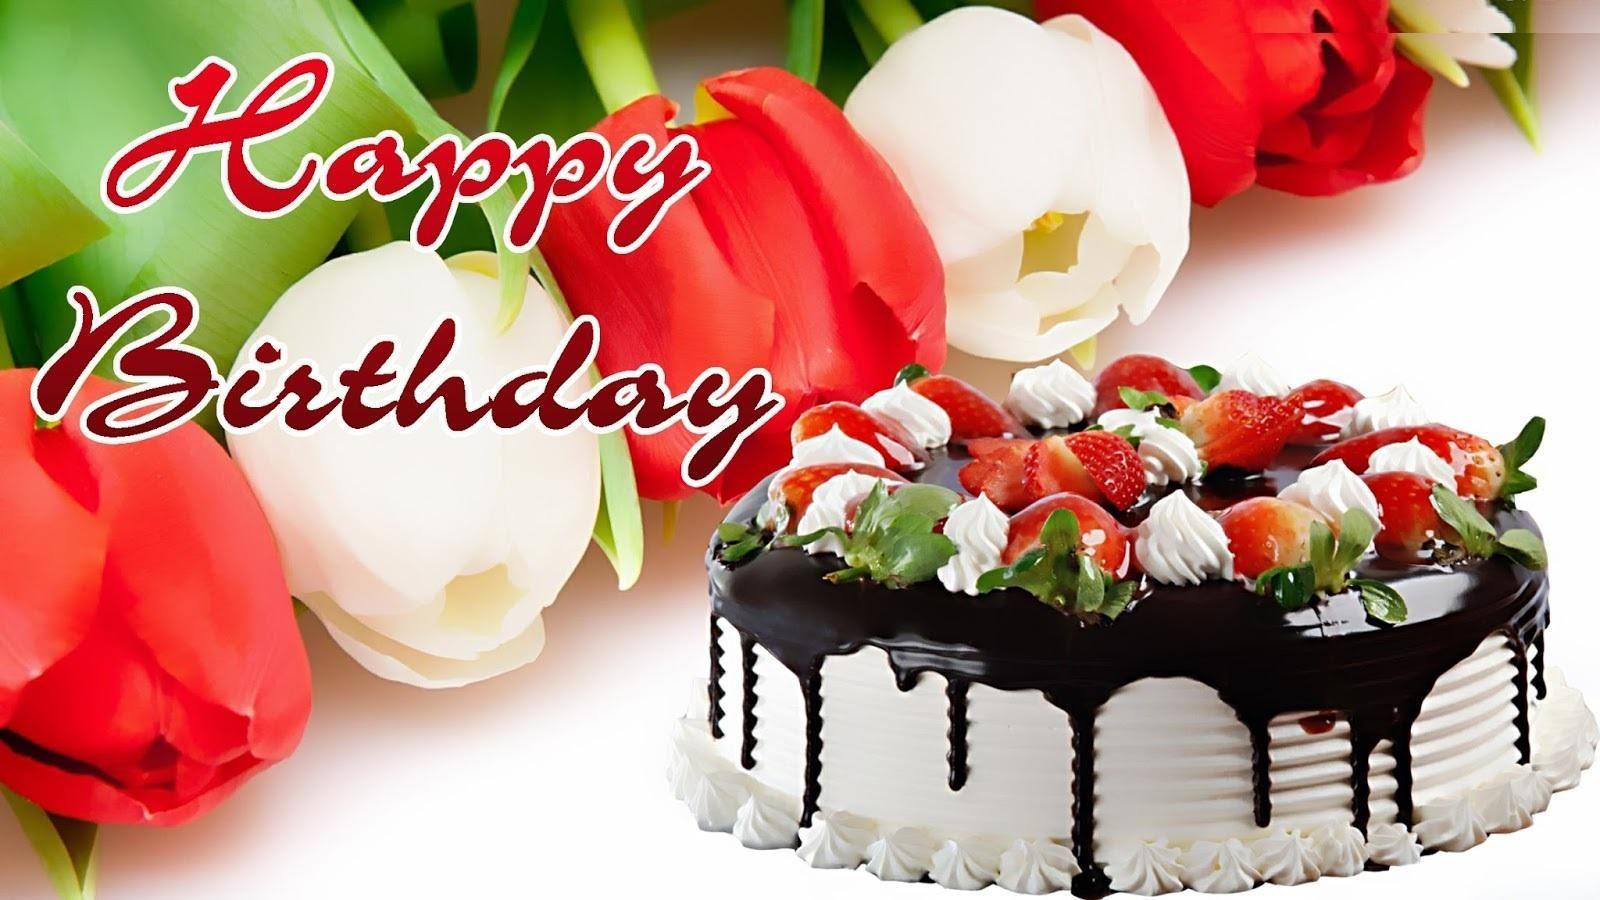 Happy birthday quotes whatsapp status pinterest happy happy birthday quotes voltagebd Images